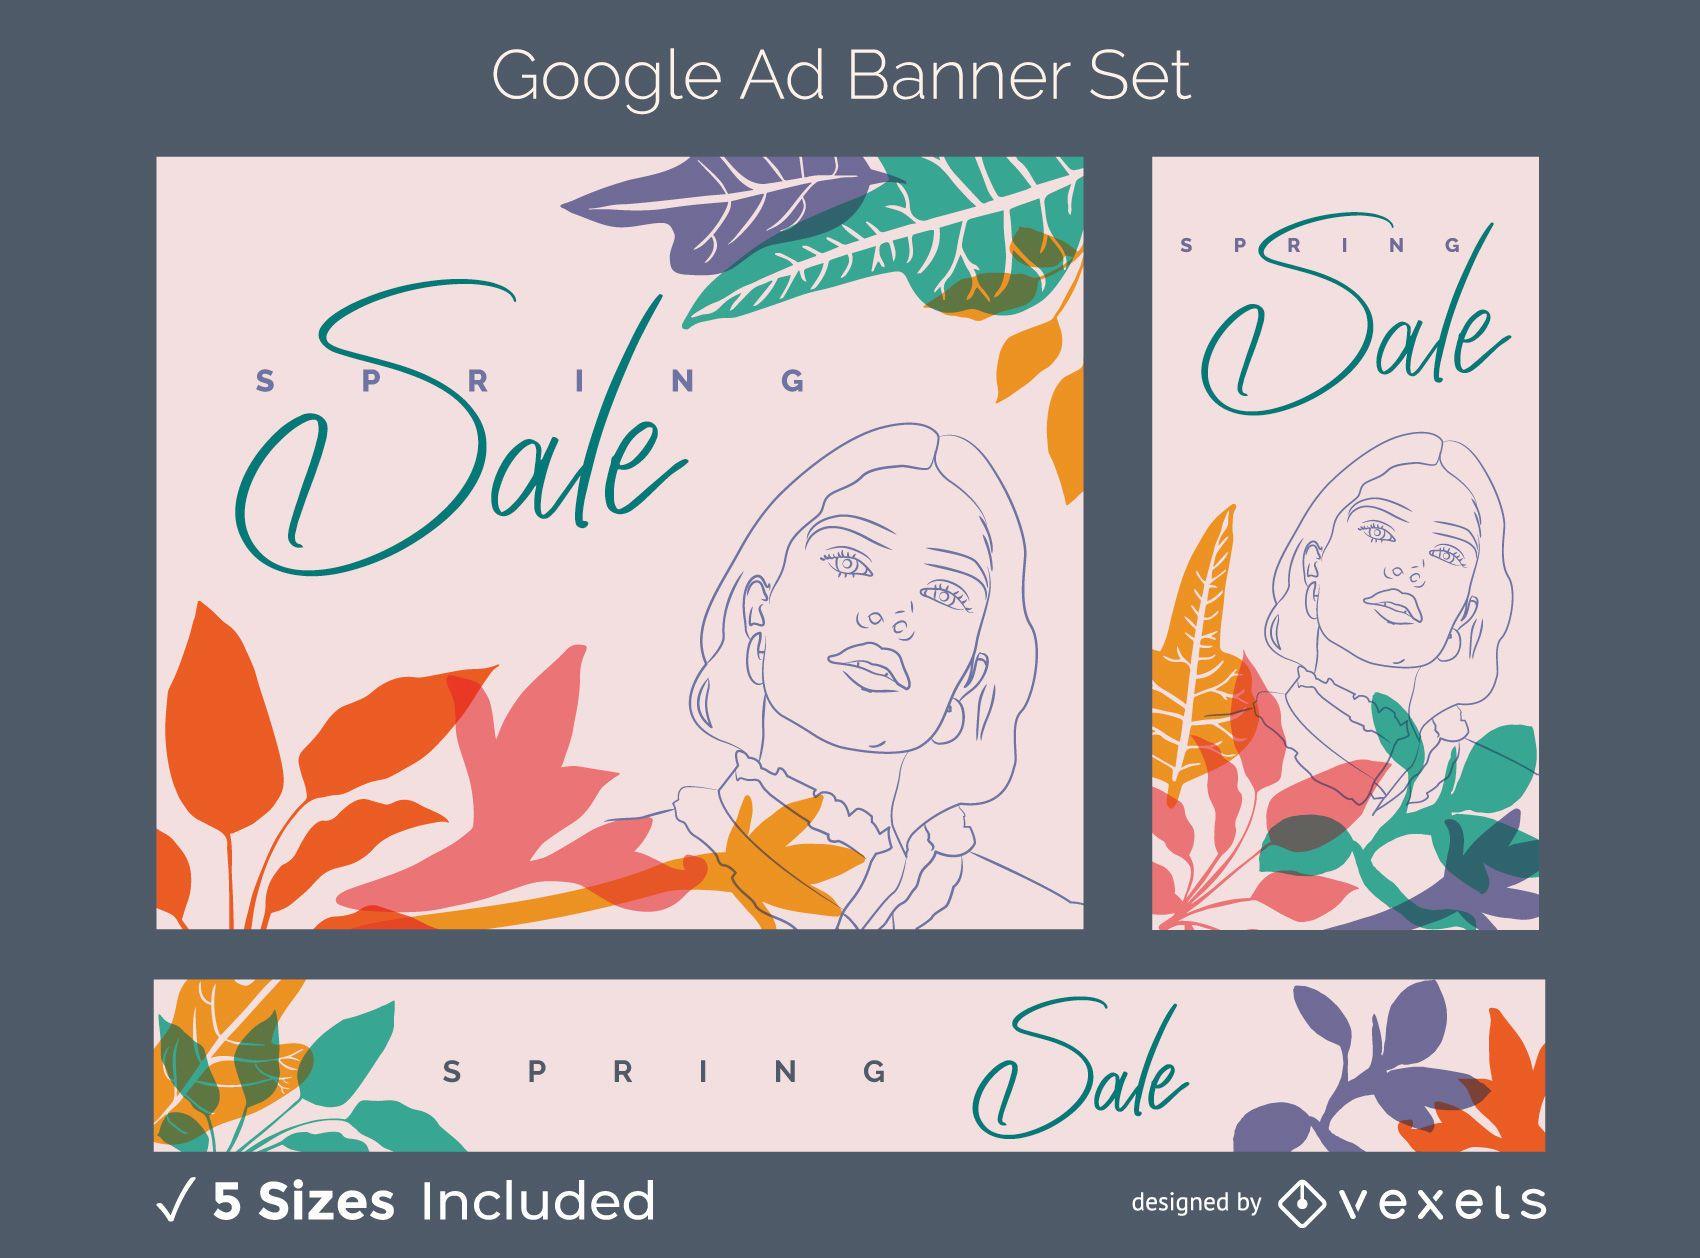 Spring sale ad banner set